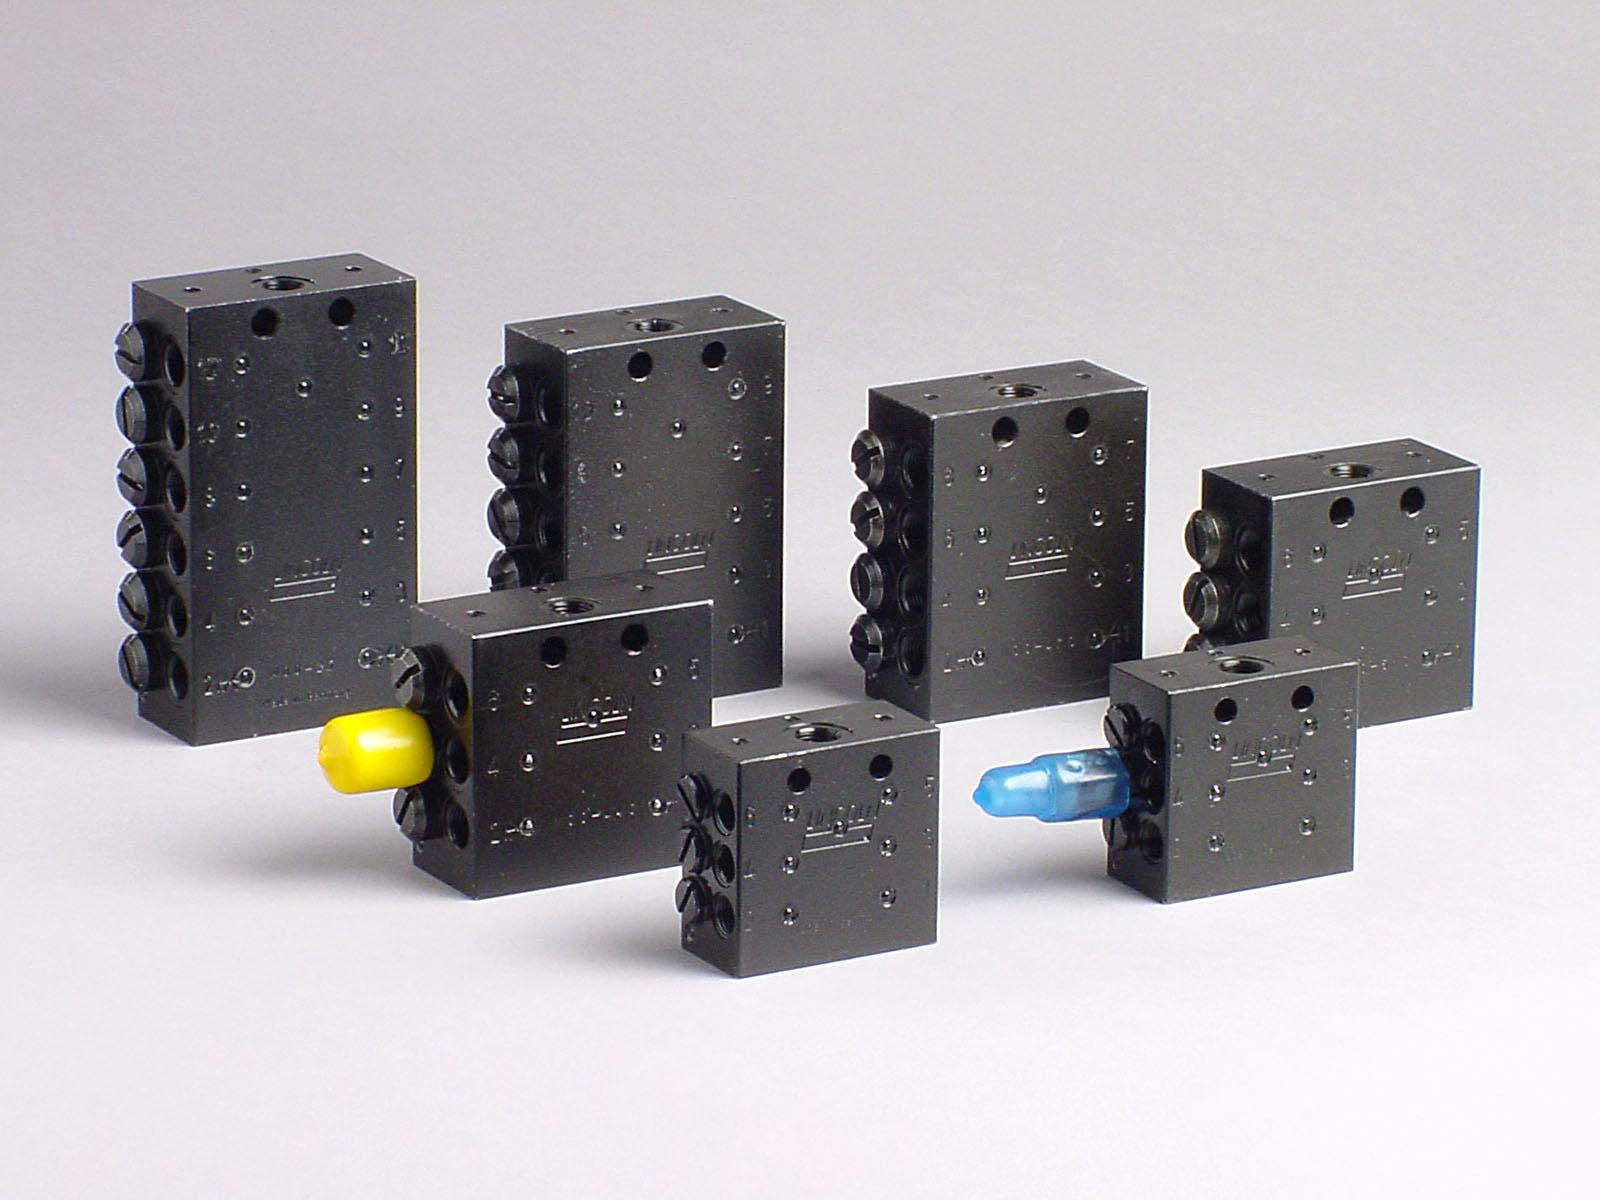 林肯分配器/油脂分配器/润滑系统分配器-- 上海诺法机械设备有限公司